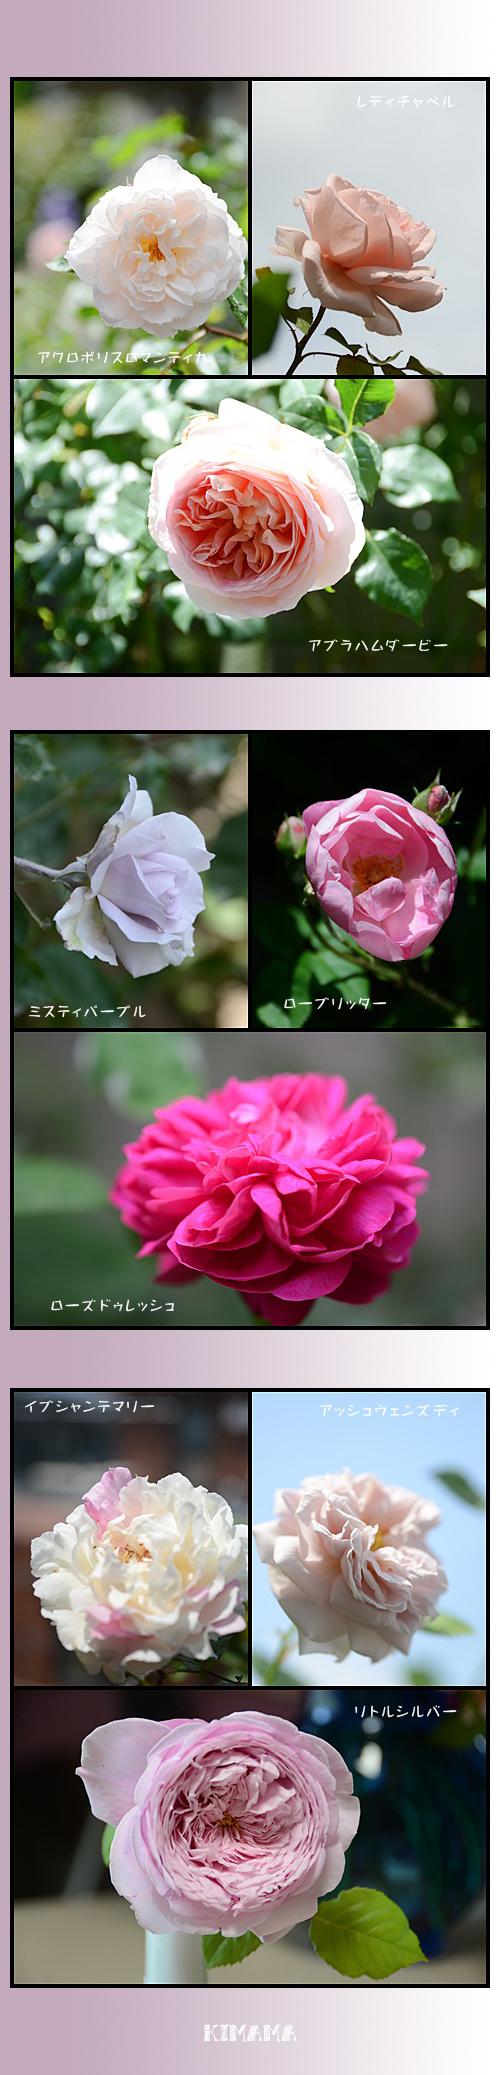 5月16日薔薇2